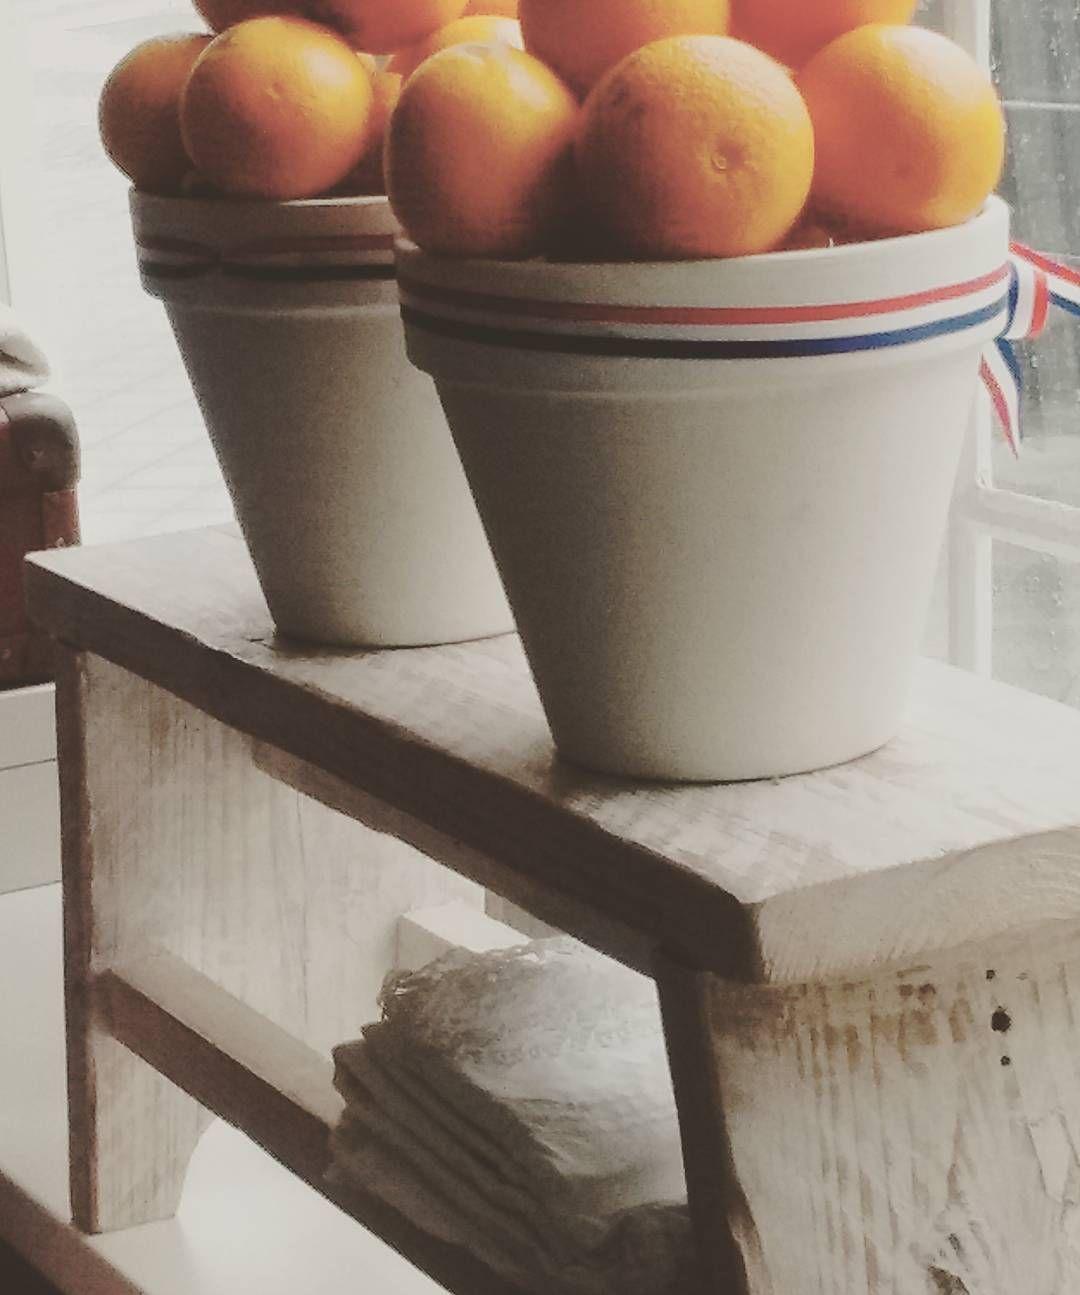 En? Zijn jullie er al klaar voor?  Ik hou van Koningsdag! De struintocht om 6.00 uur de aubade het sfeertje.. In mijn vensterbank liggen de sinaasappels als decoratie;) Alvast een mooie dag allemaal! #koningsdag#roodwitblauw#ikhouervan by huizekipkakel